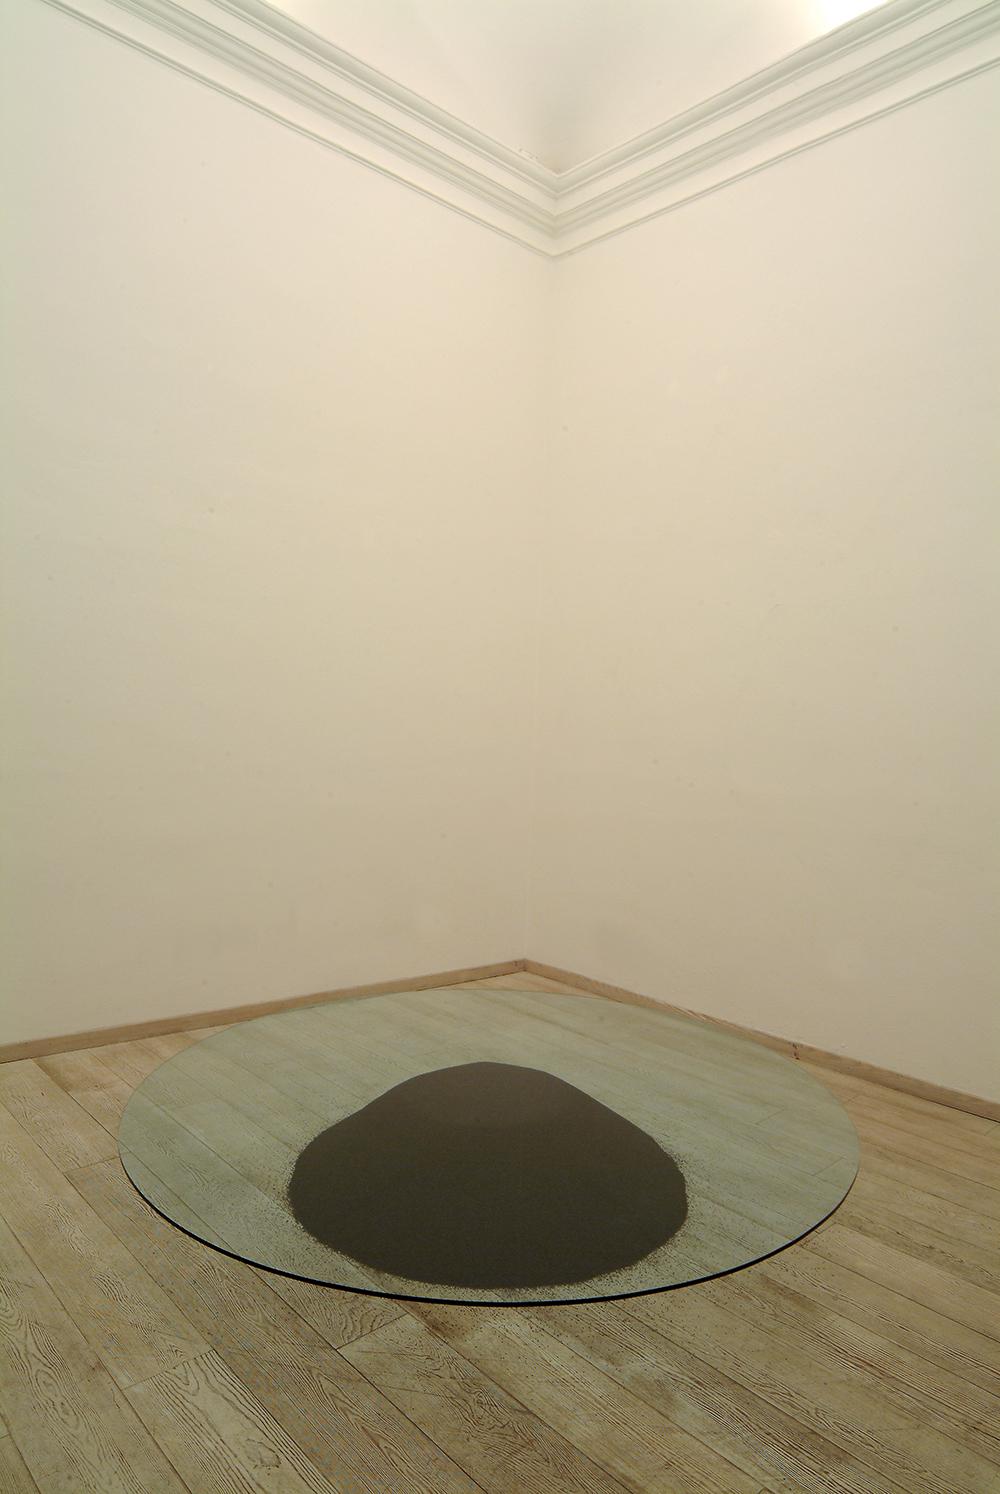 Contatto, 2005, vetro e pallini di metallo nero, Ø cm 216 - sala III